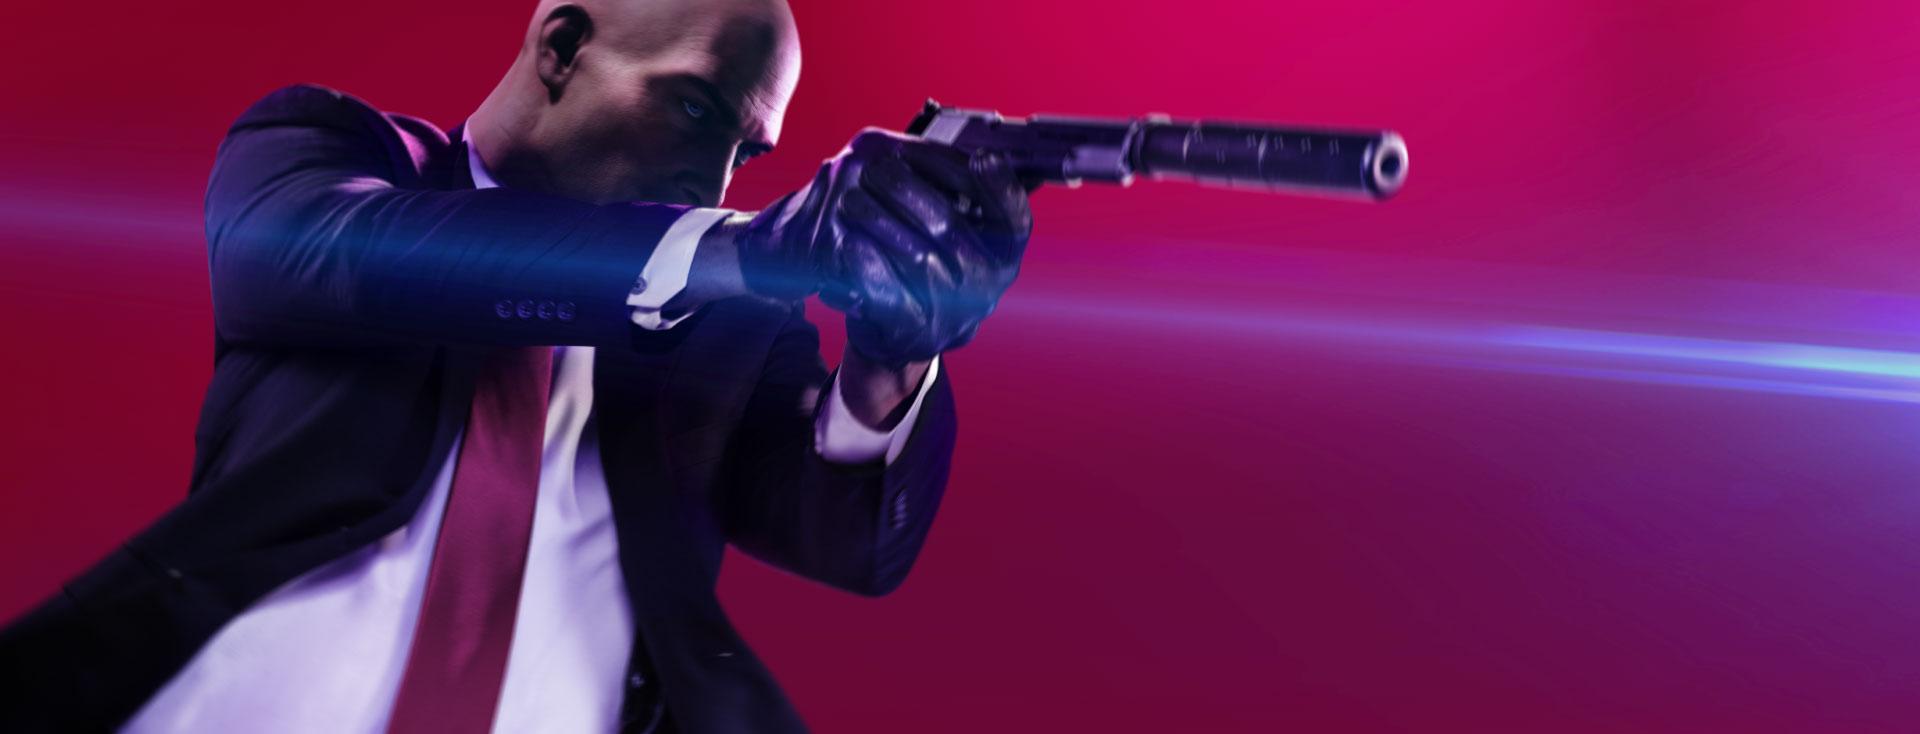 Hitman 2 predstavljen, stiže u studenom